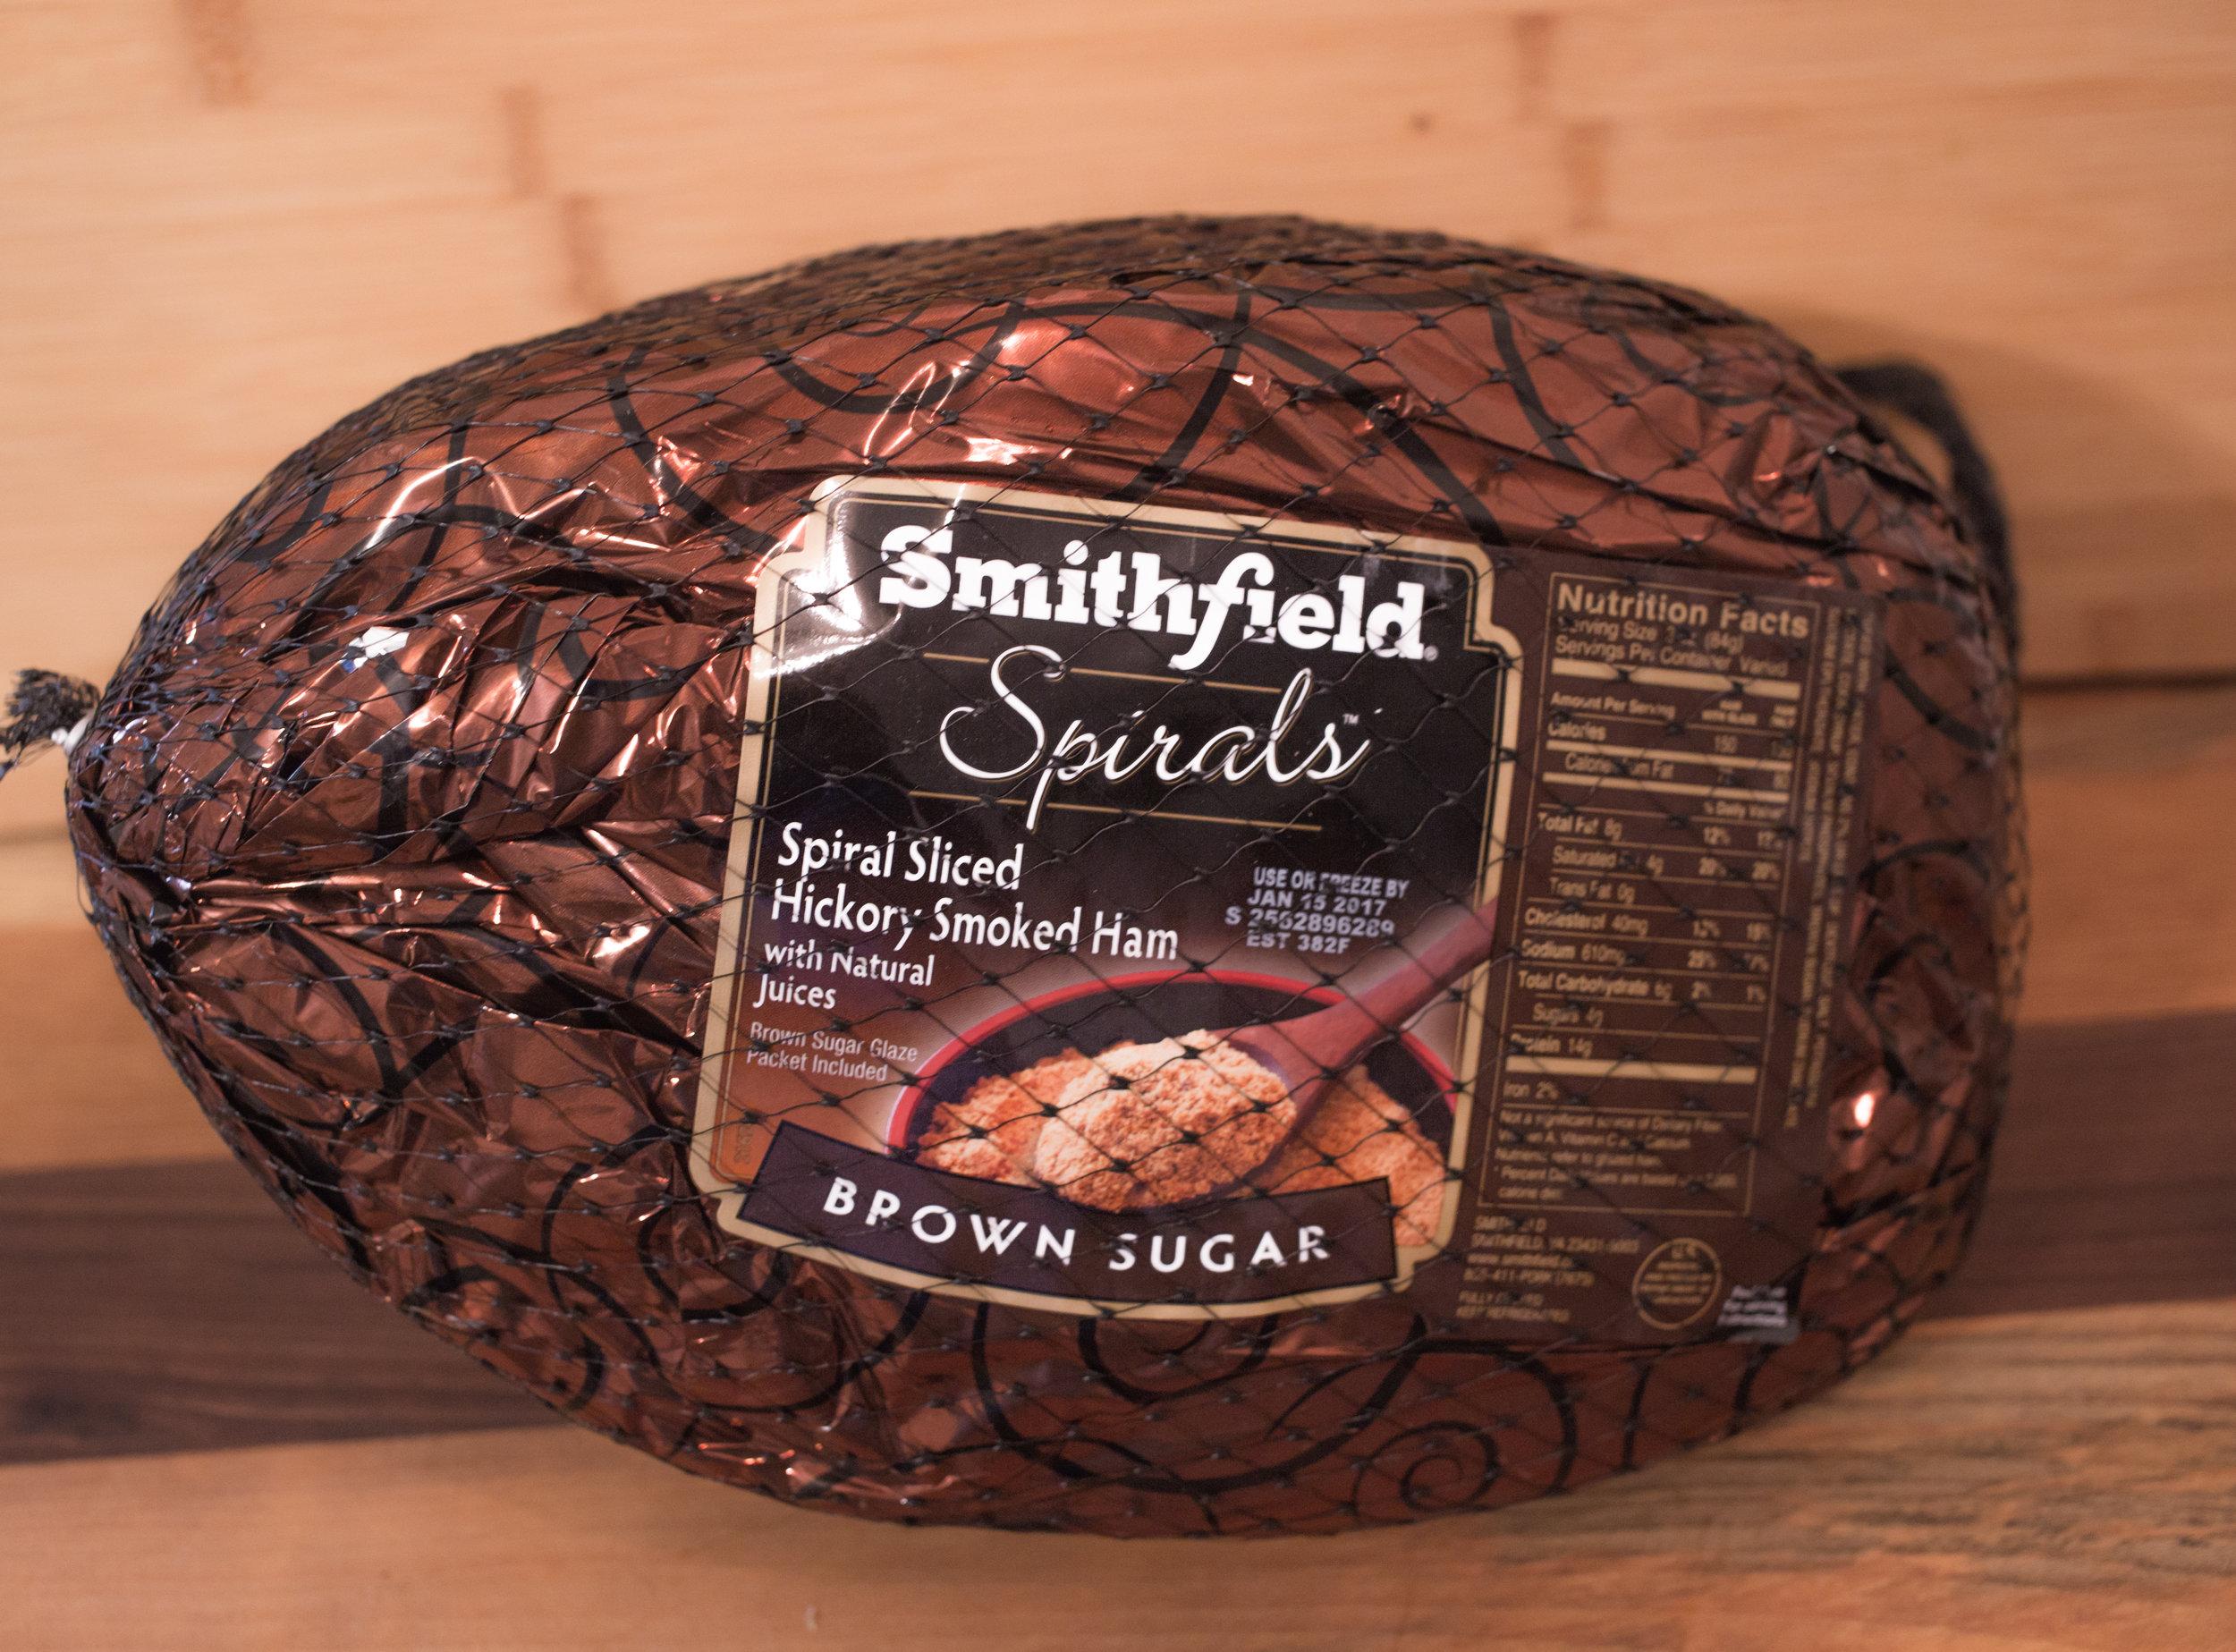 SMITHFIELD spIRAL slICED BROWN sUGAR hAM